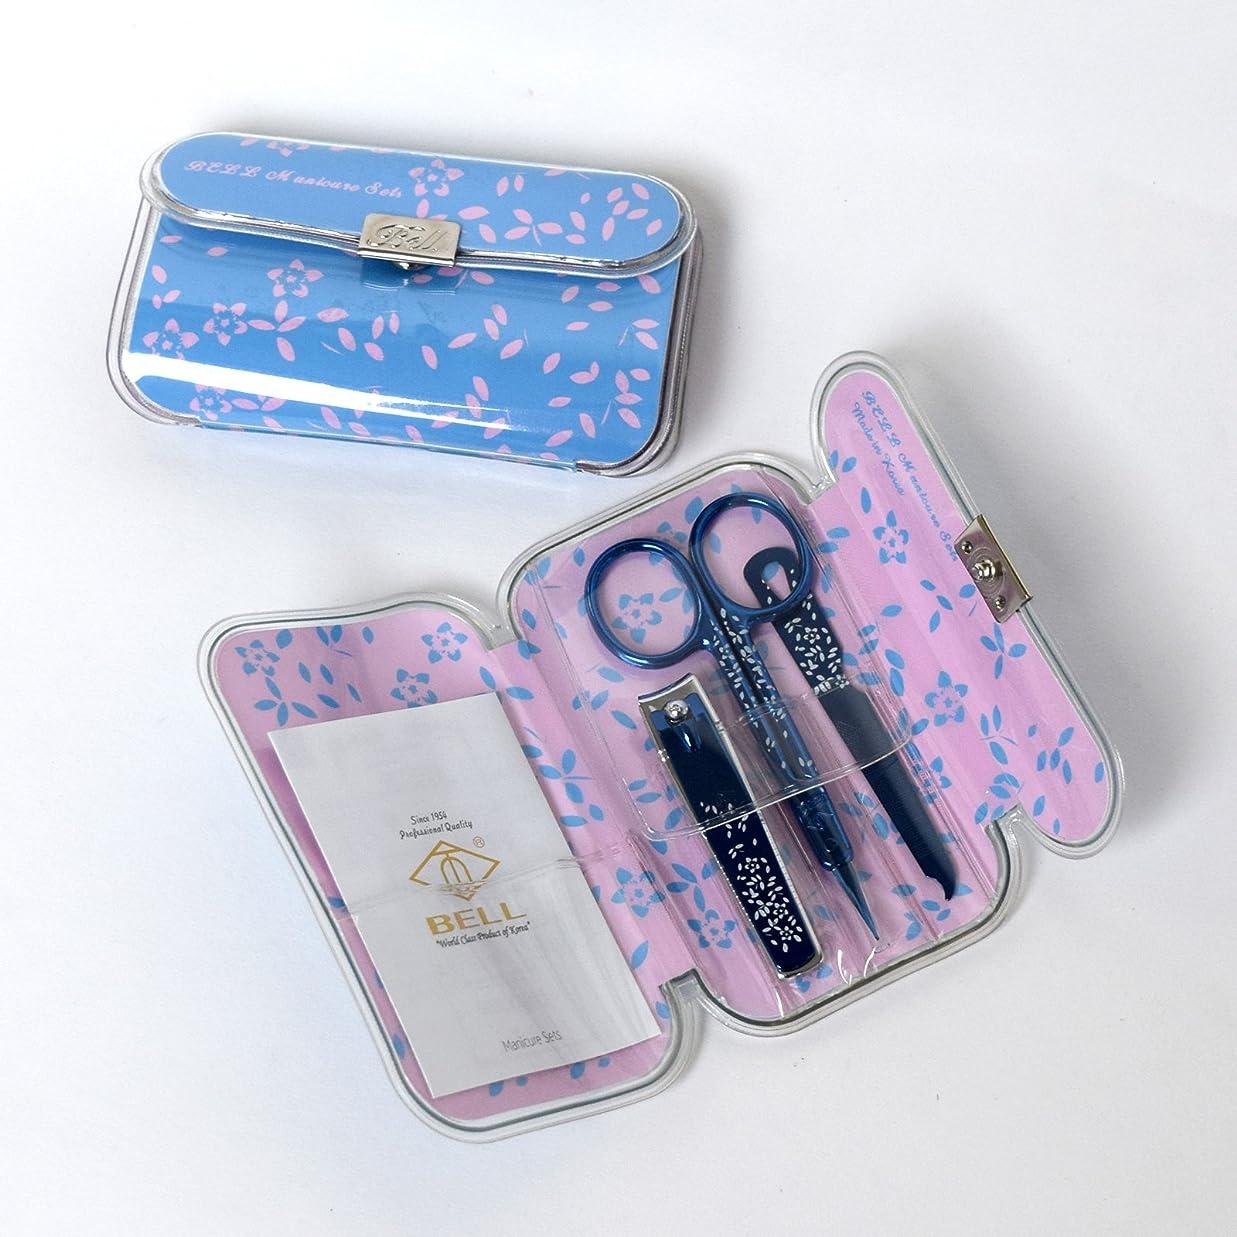 バリアストライプリーンBELL Manicure Sets BM-330F ポータブル爪の管理セット 爪切りセット 高品質のネイルケアセット高級感のある東洋画のデザイン Portable Nail Clippers Nail Care Set